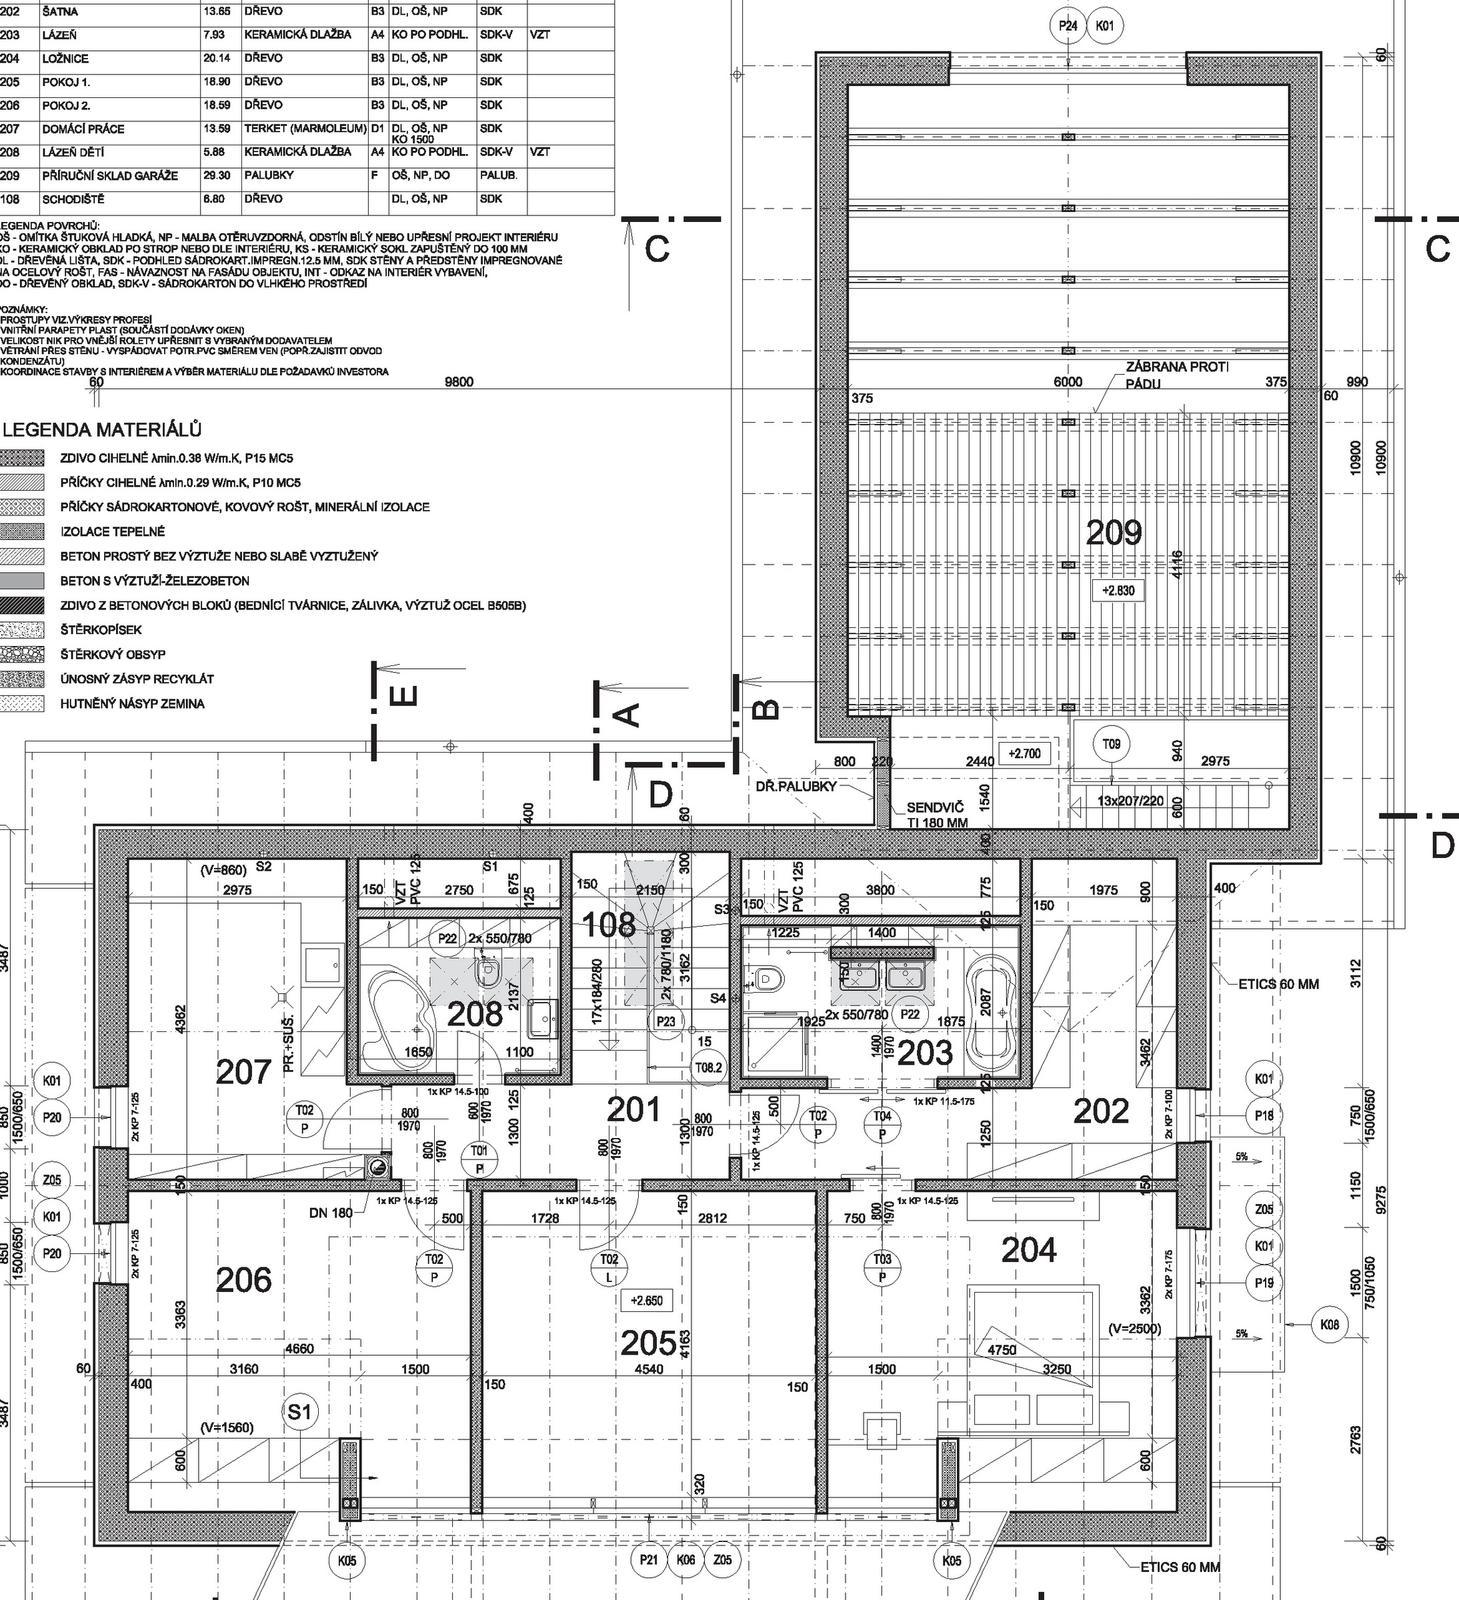 Začínáme..pokračujeme..finišujeme ;-) - obytné podkroví - 201 chodba; 202 šatna; 203 a 208 koupelny; 204 ložnice; 205 a 206 dětské pokoje; 207 prádelna, žehlírna...